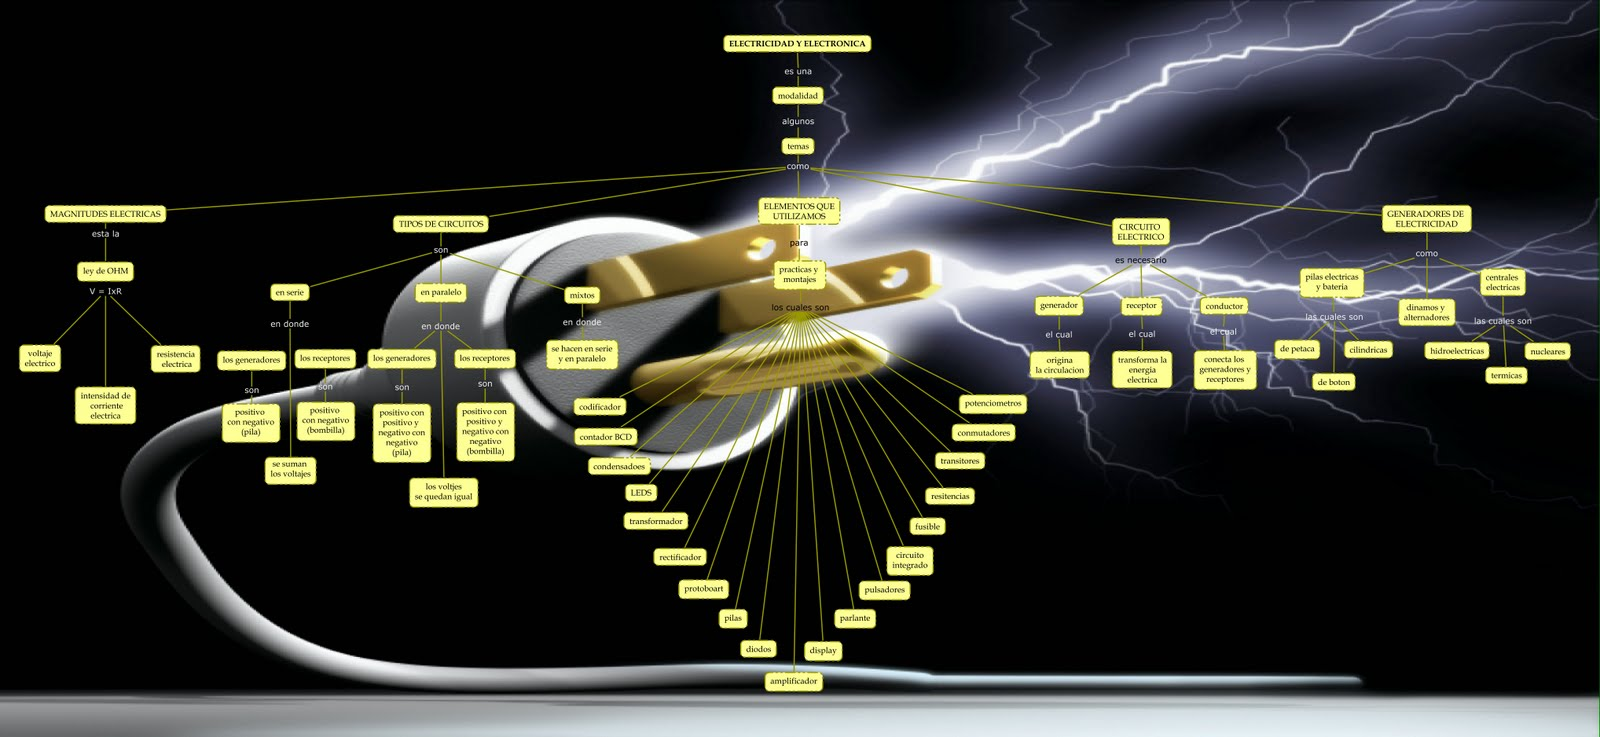 Circuito Hidraulico Mixto : Ondas roboticas: mapa conceptual de electricidad y electronica